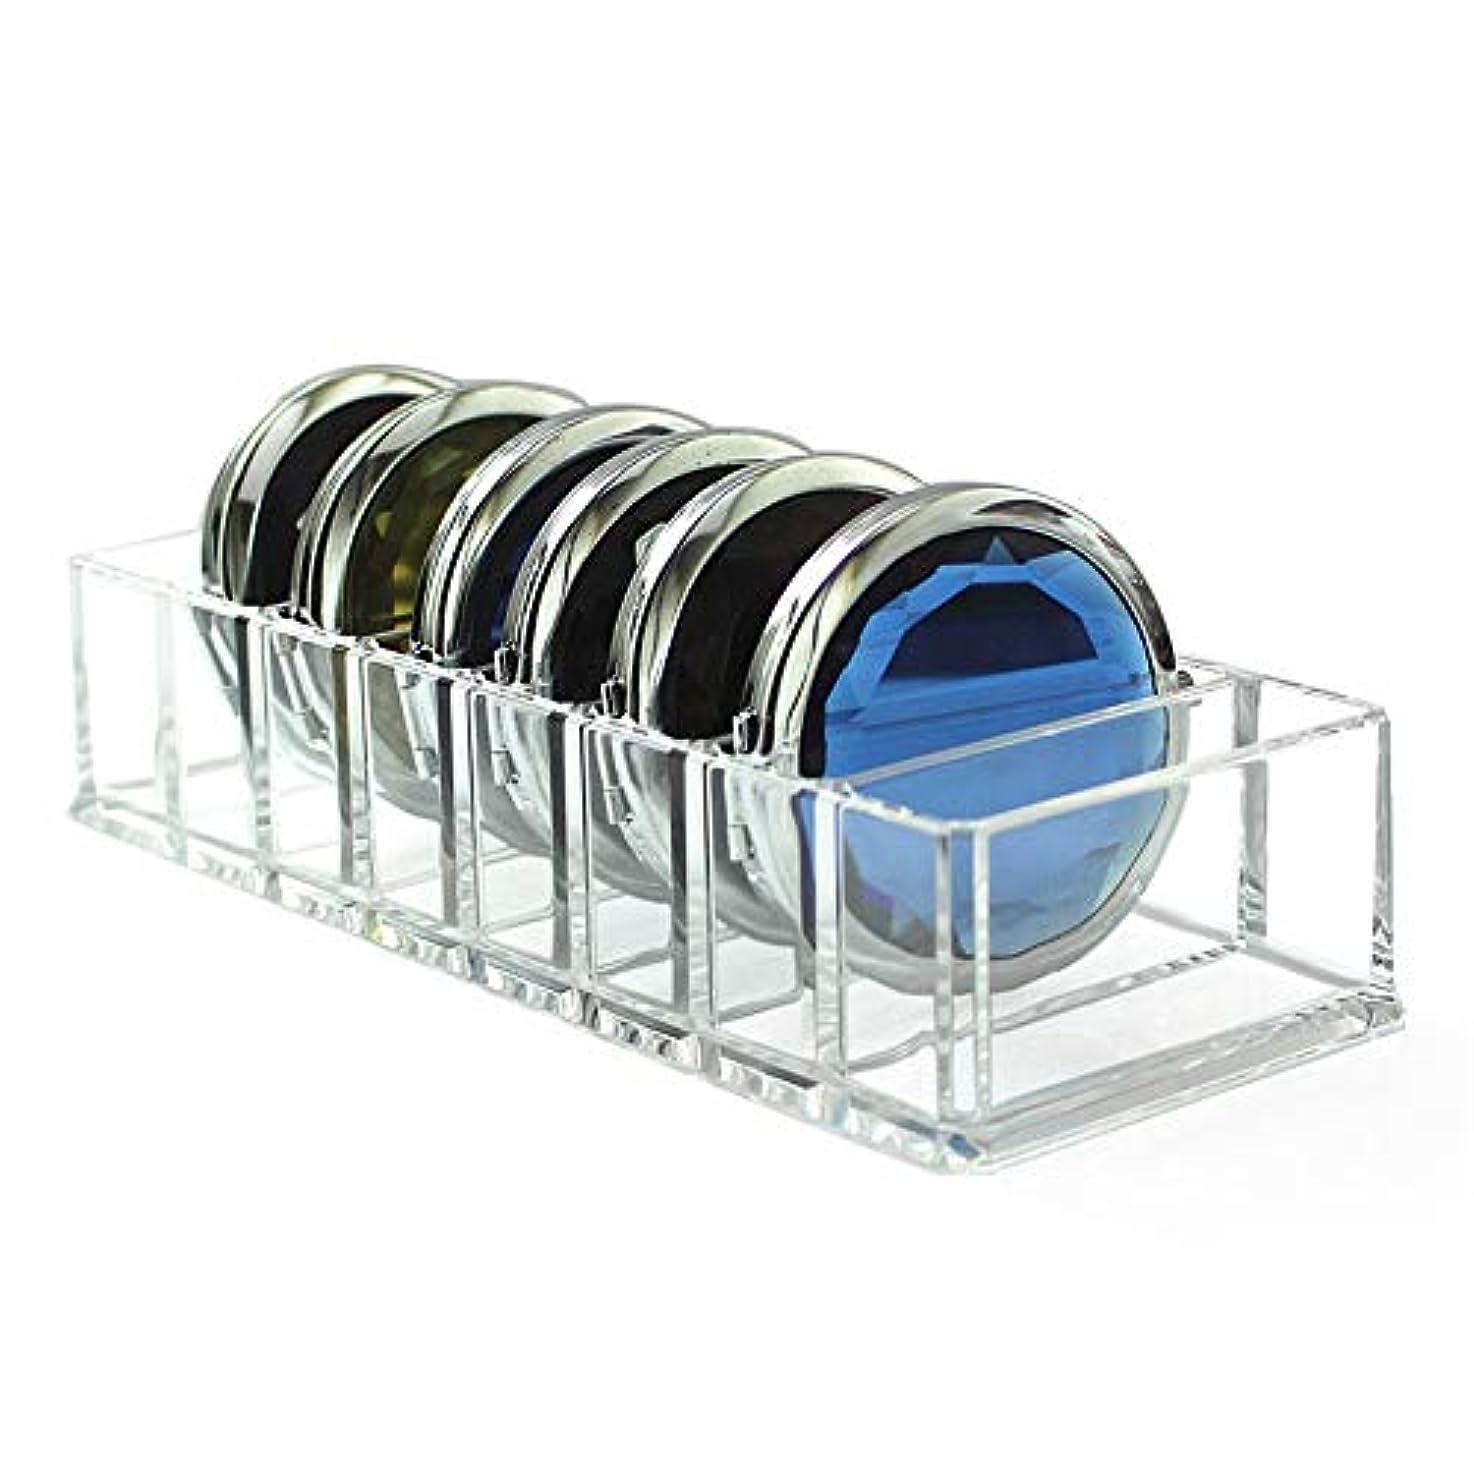 本育成物理整理簡単 化粧品アイシャドウフェイスパウダー用シンプルアクリルクリアメイクオーガナイザーホルダー収納ケースボックス (Color : Clear, Size : 25.5*8.8*4.7cm)